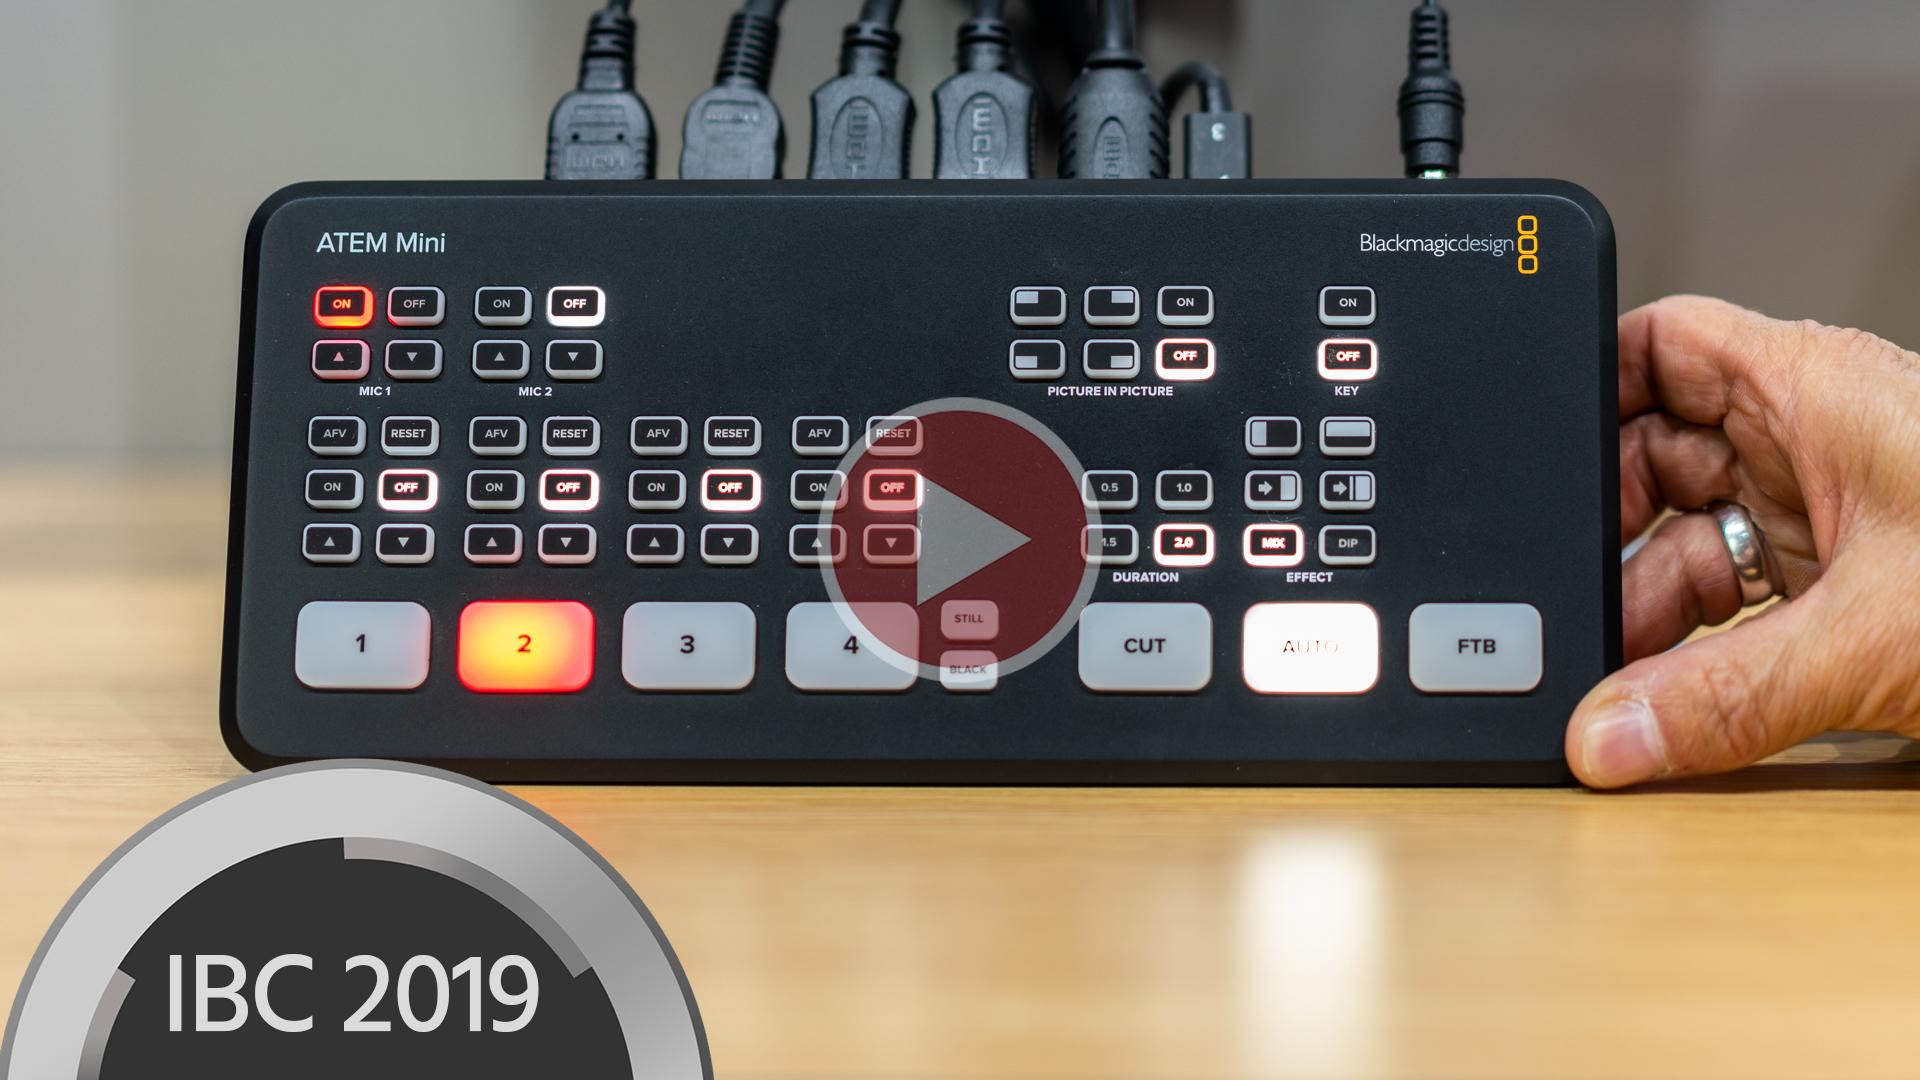 Nuevo Blackmagic ATEM Mini Switcher para transmisión y vlogging HD